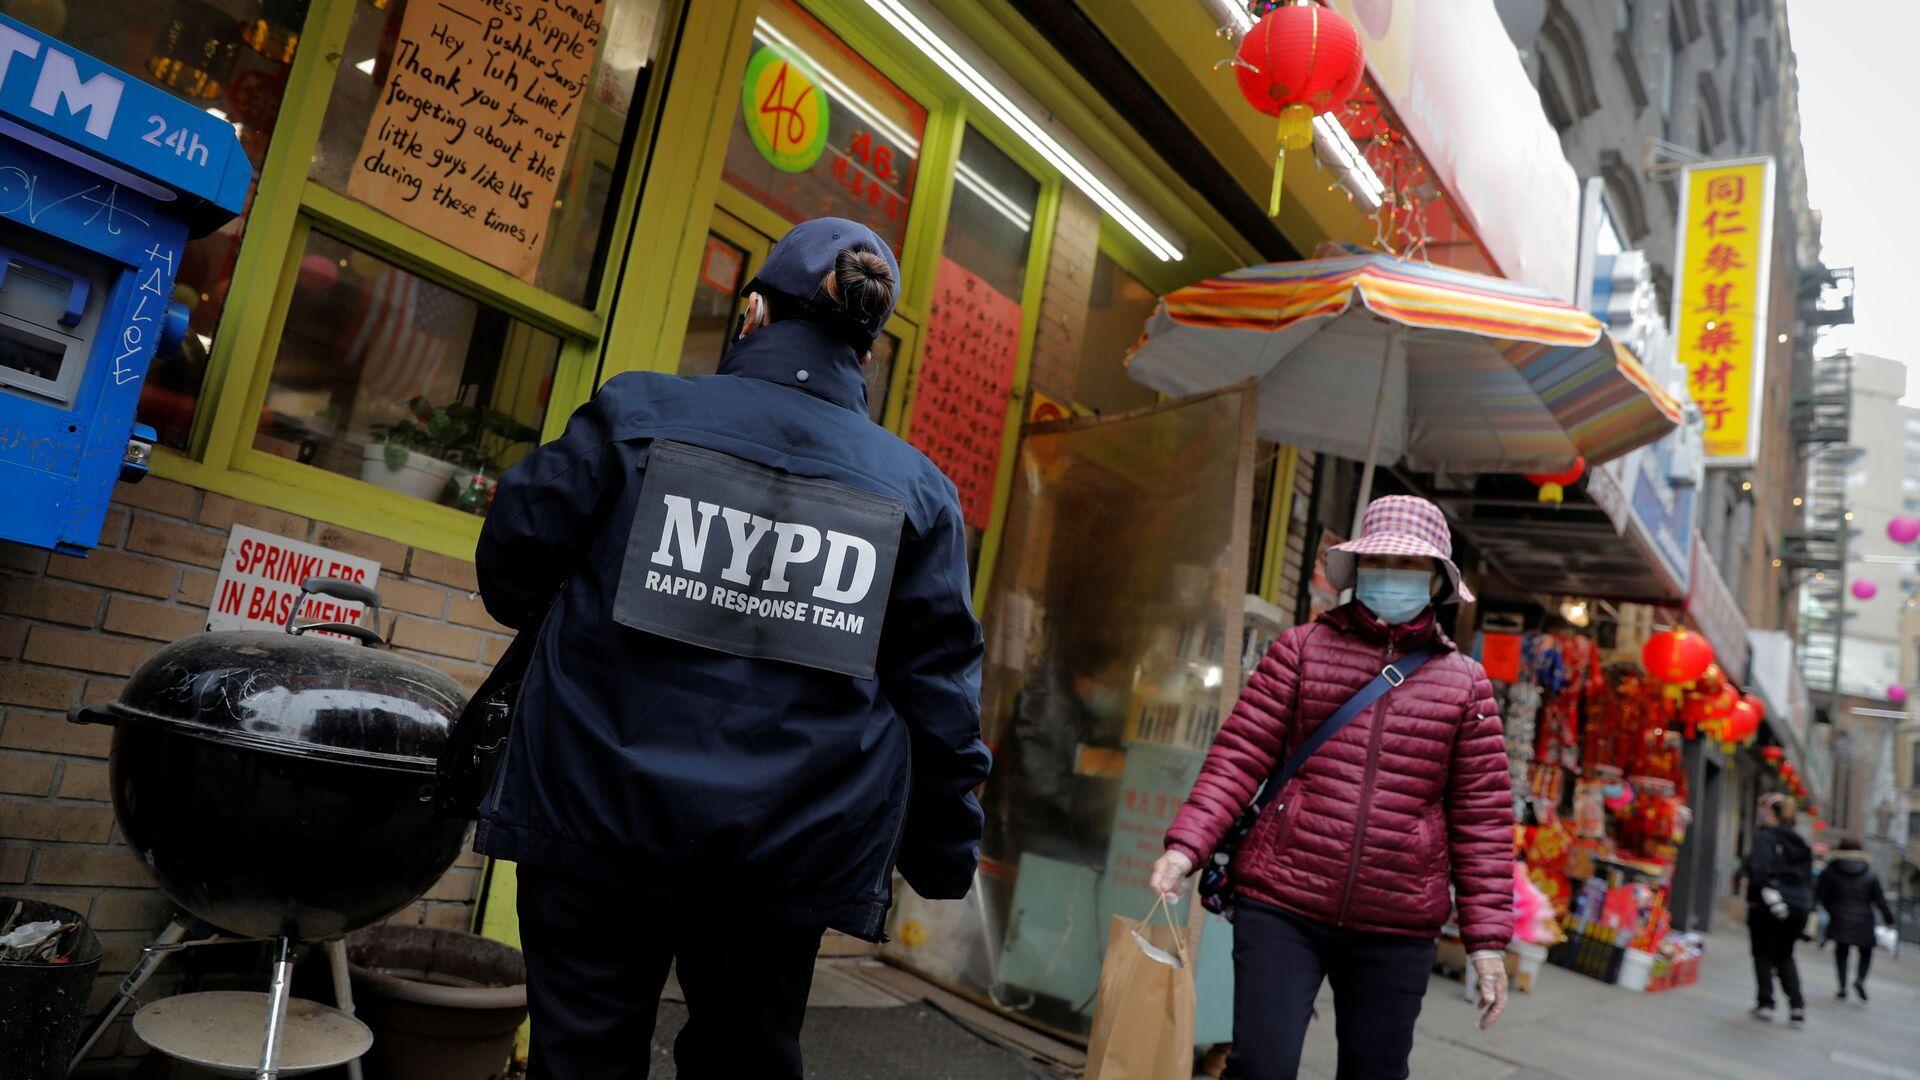 New York'ta sokak ortasında Asyalı kadına saldırı - Sputnik Türkiye, 1920, 12.08.2021